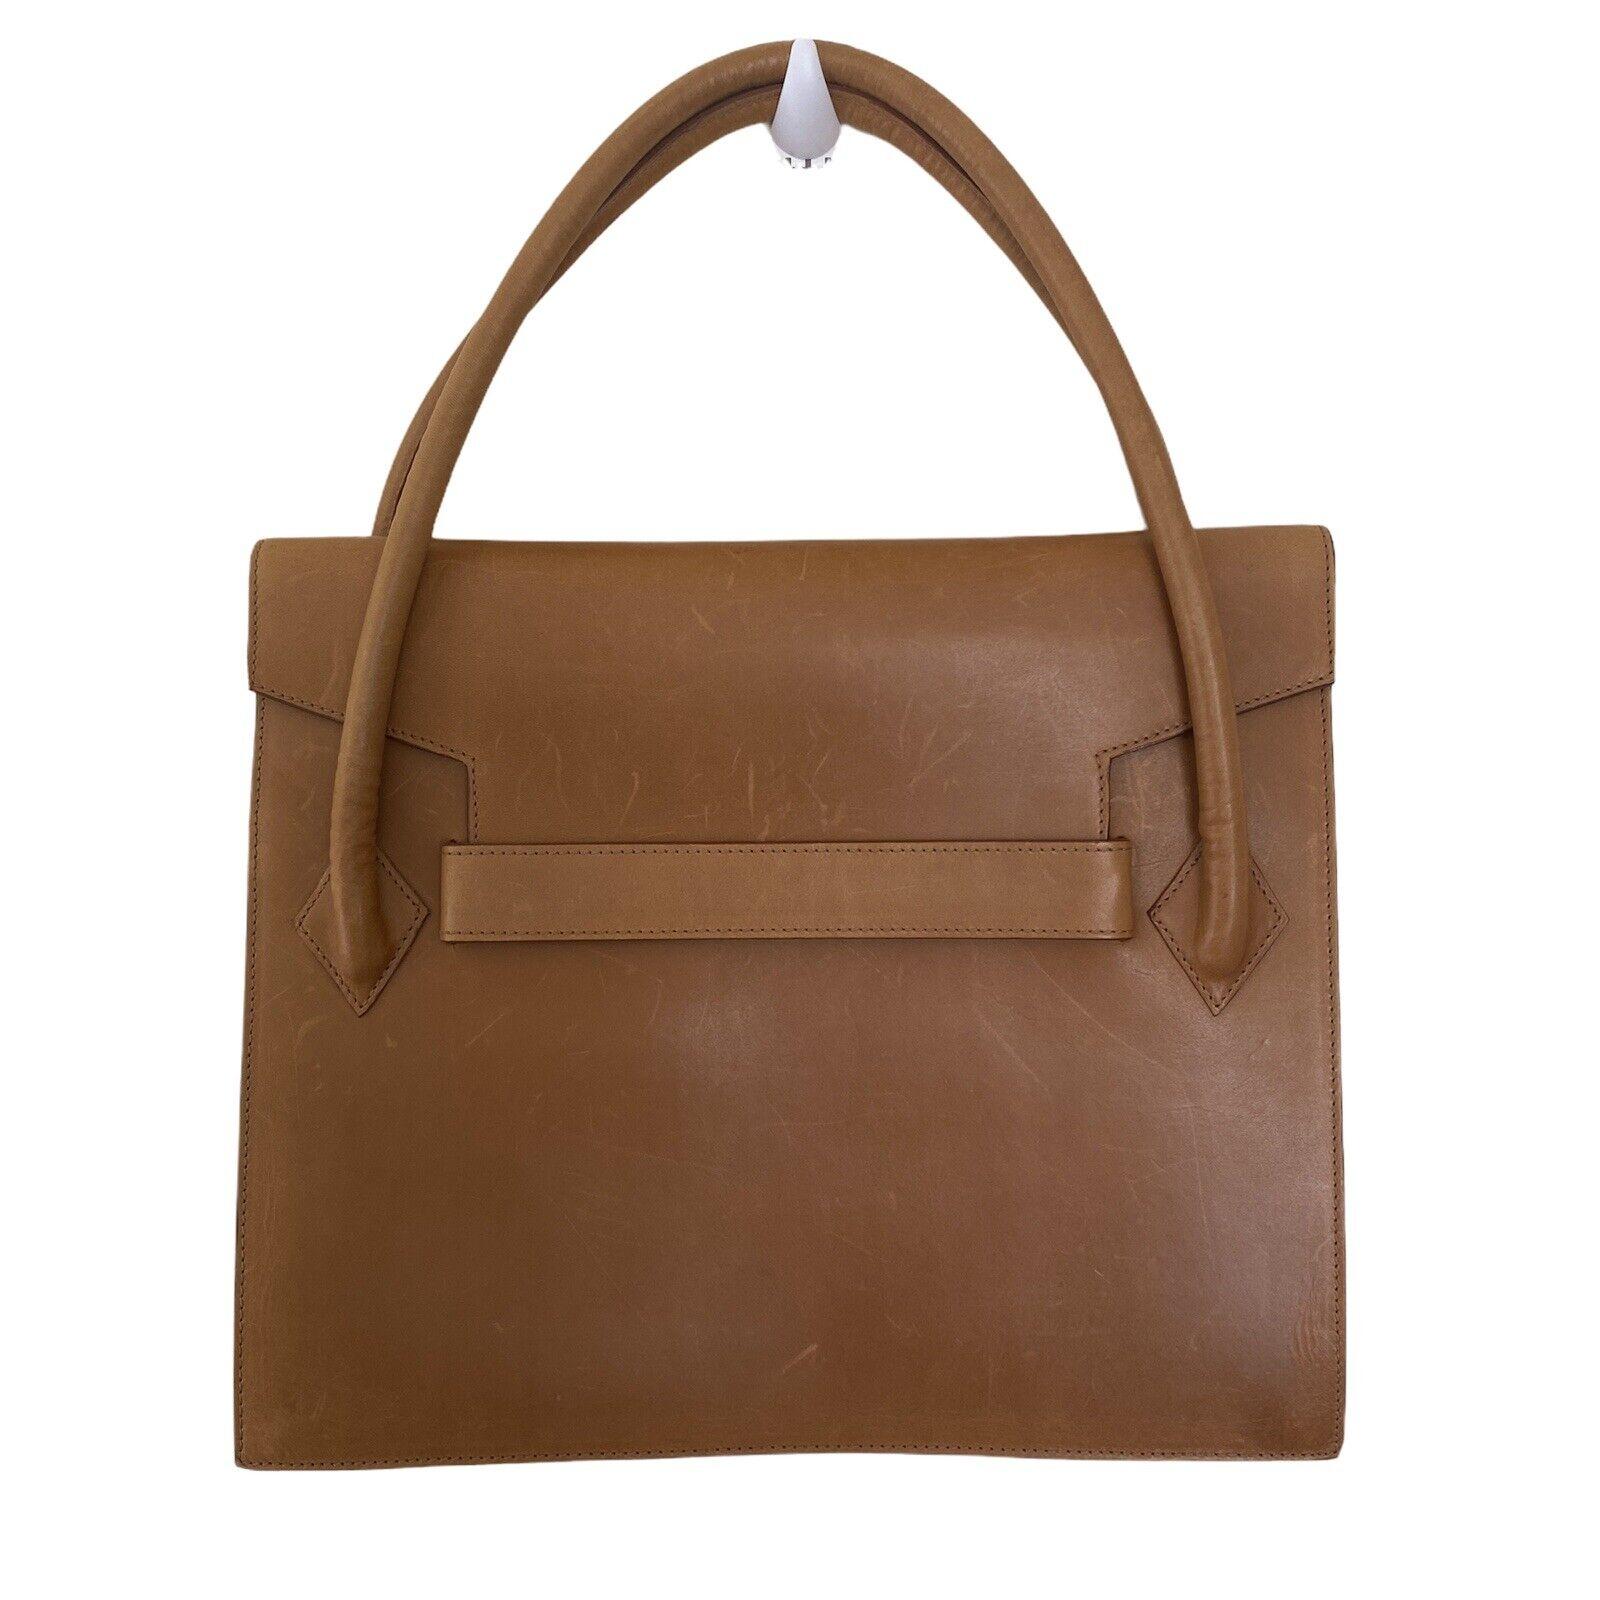 Laurèl Leather Handbag Satchel Brown Tan Square C… - image 1